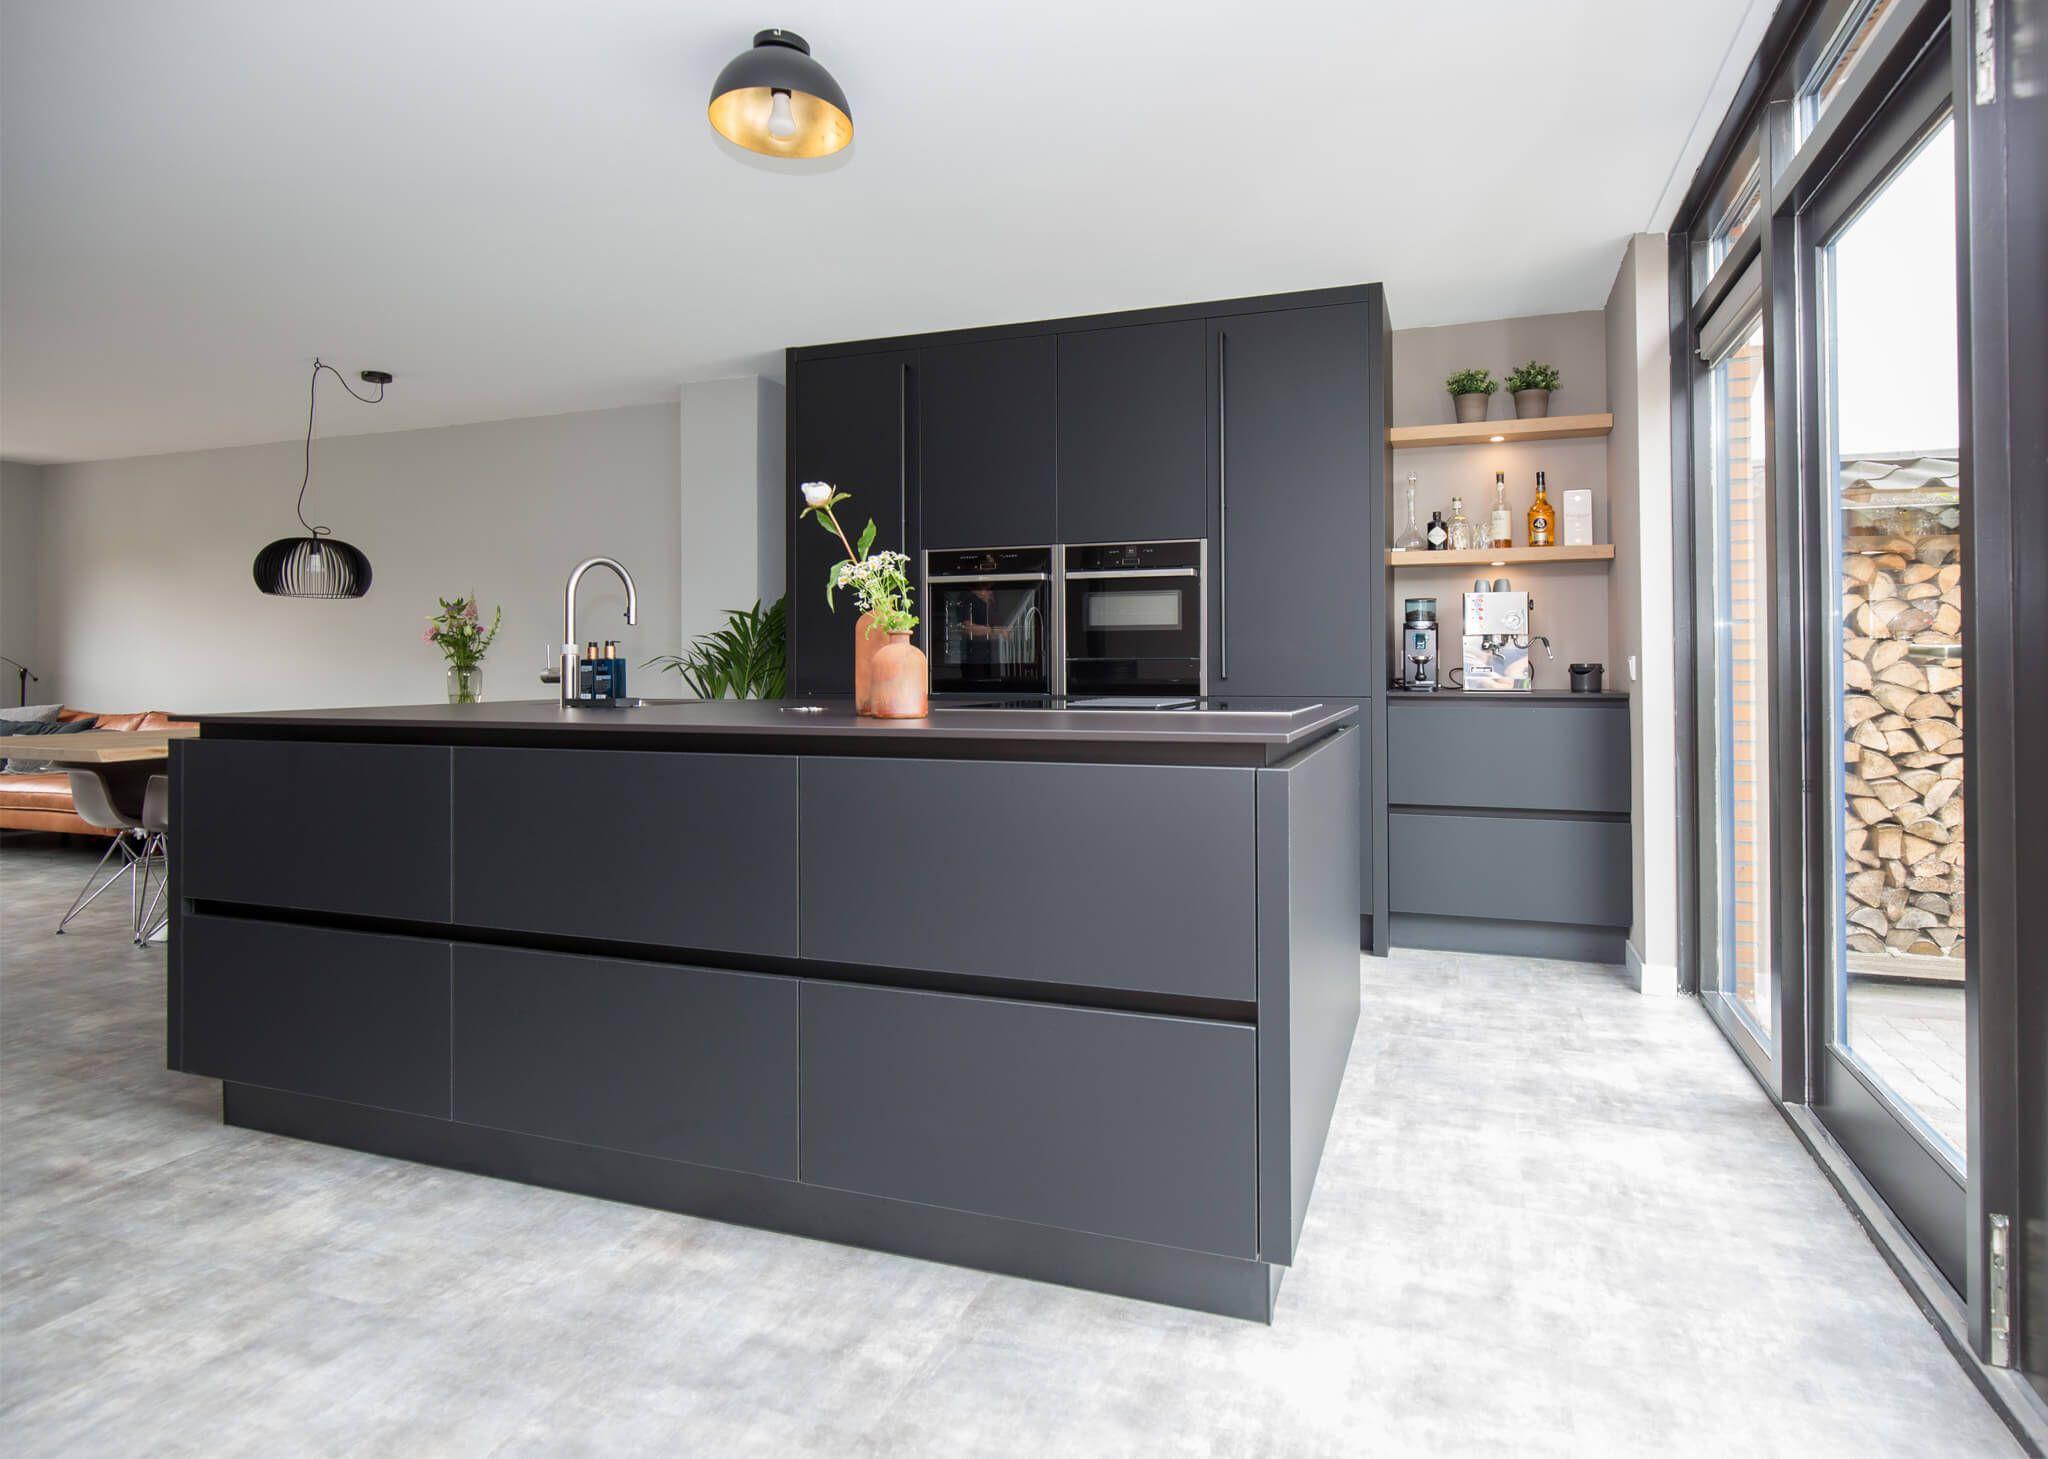 Fenix Keuken Met Zwarte Fronten Keramiek Keukenblad Kookeiland Koffiehoek En Neff Apparatuur Keuken Ontwerp Keuken Interieur Keuken Idee